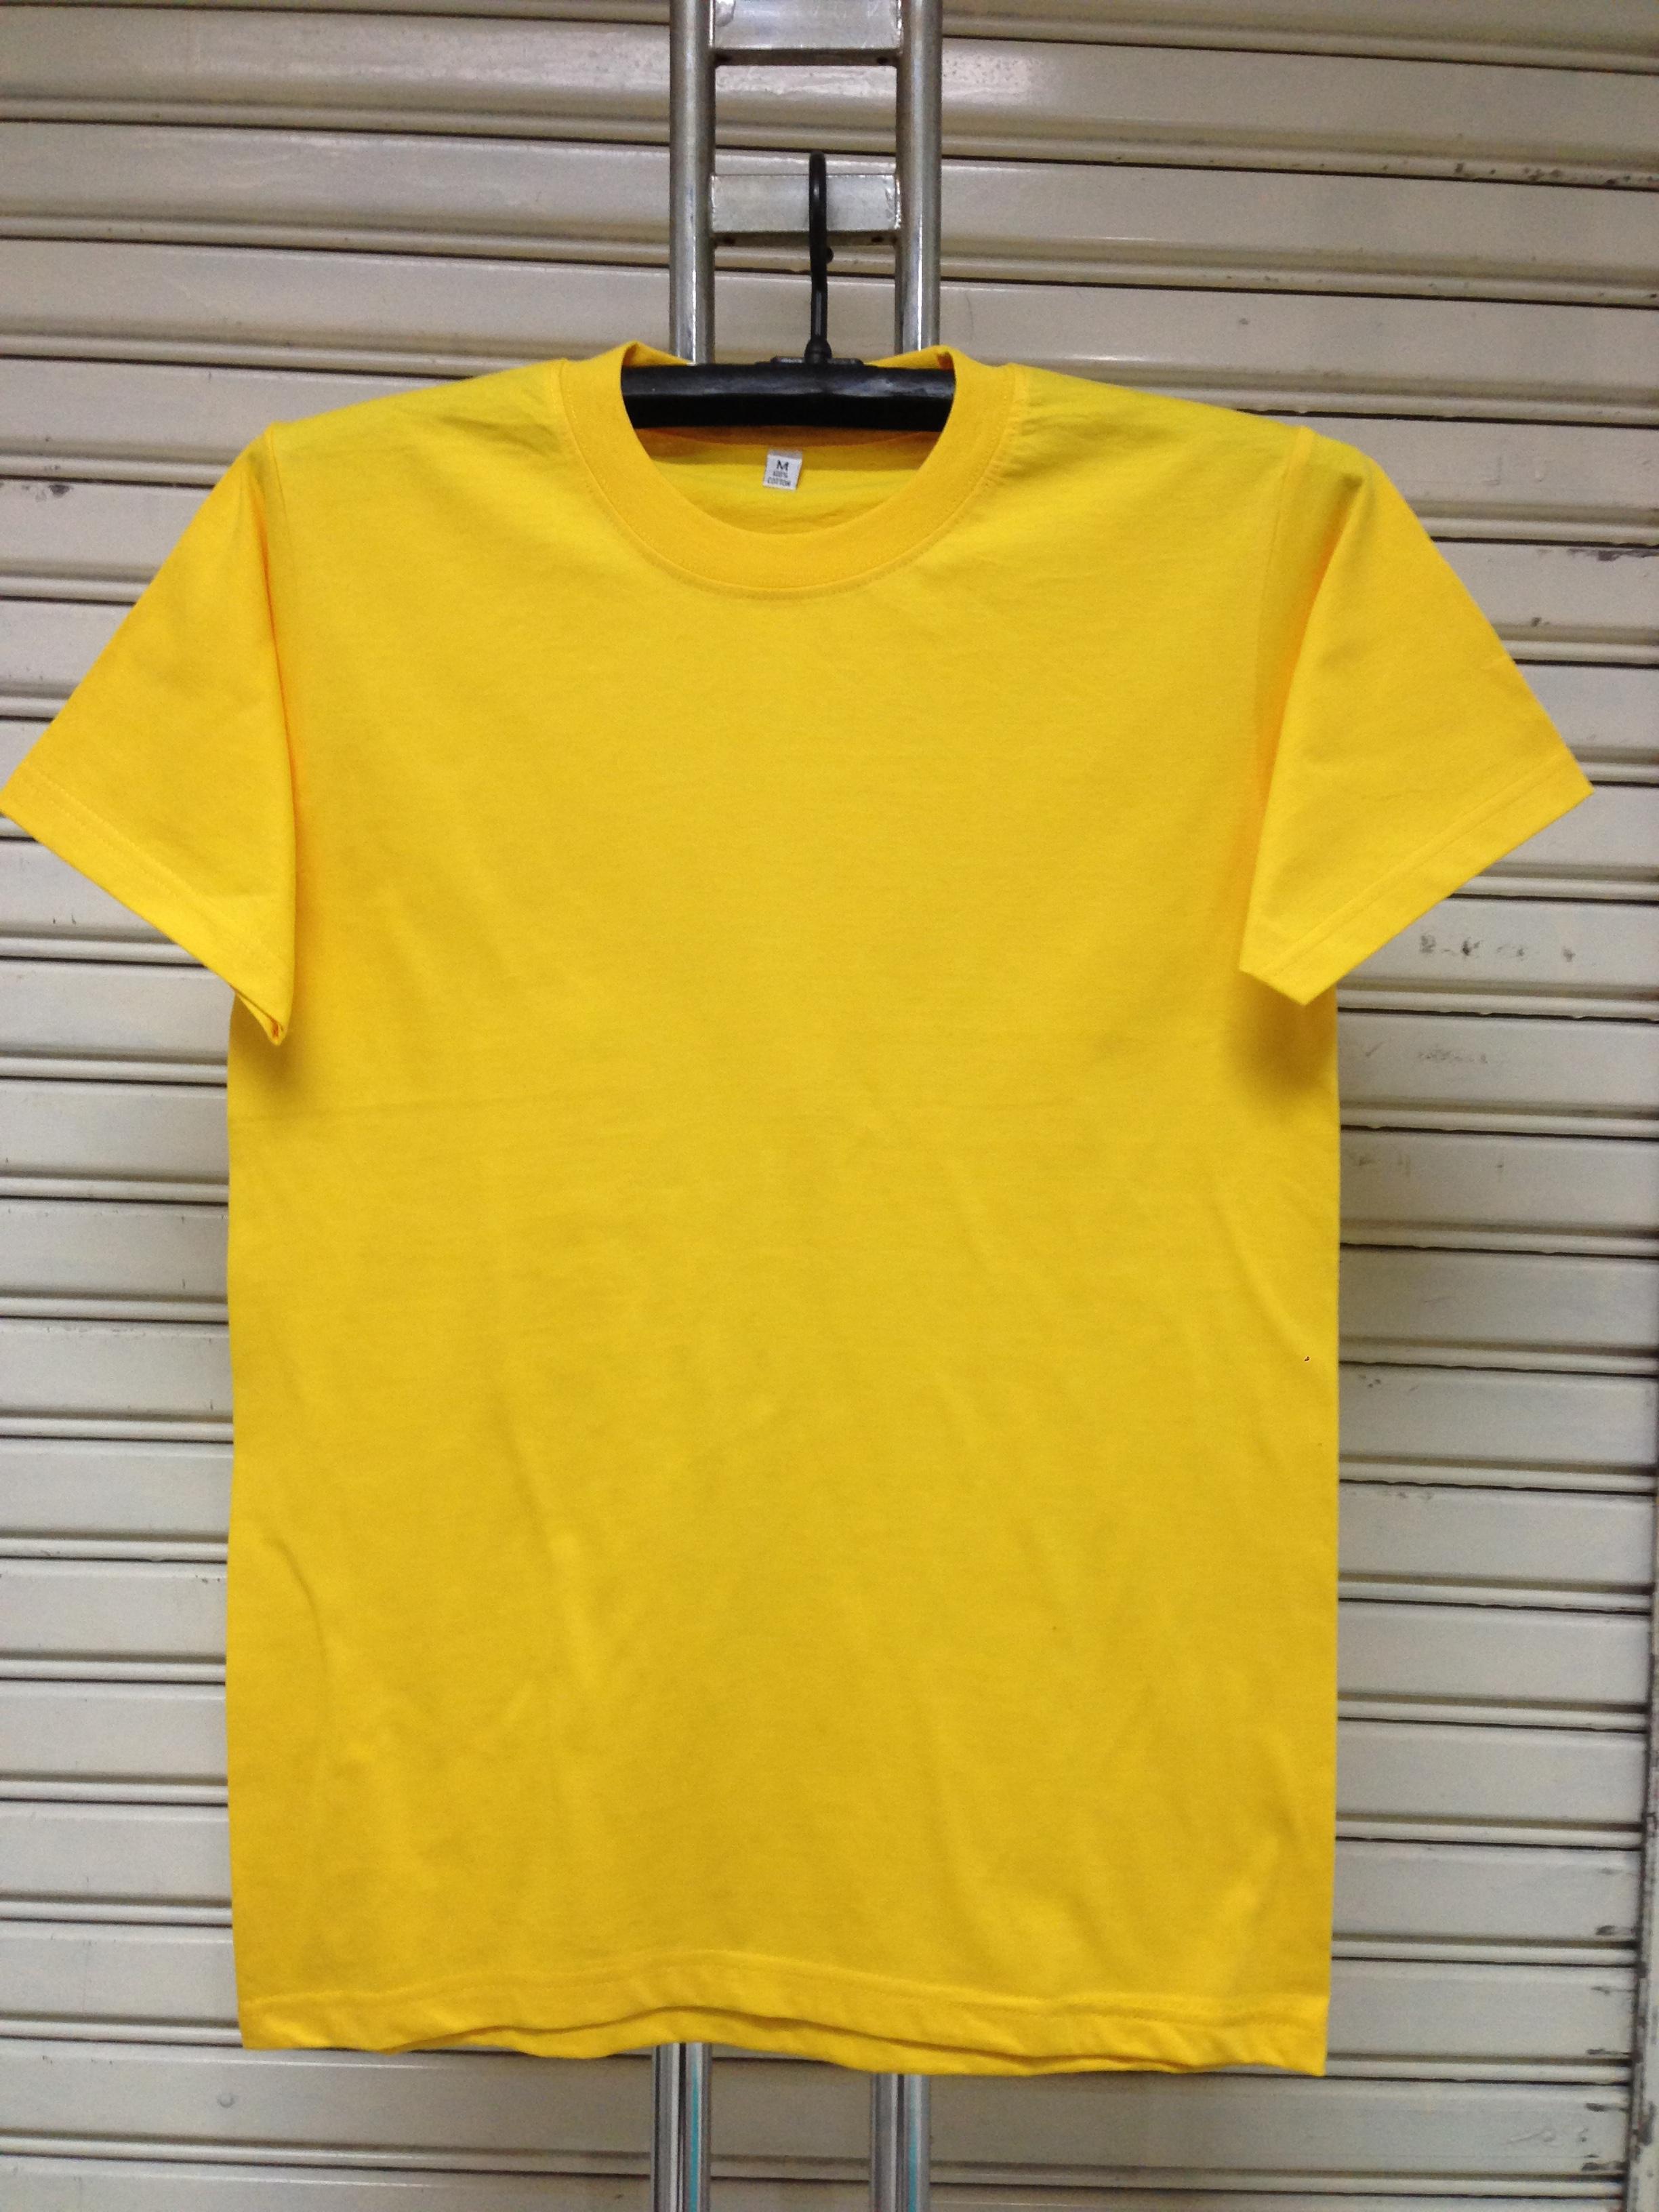 COTTON100% เบอร์32 เสื้อยืดแขนสั้น คอกลม สีเหลือง